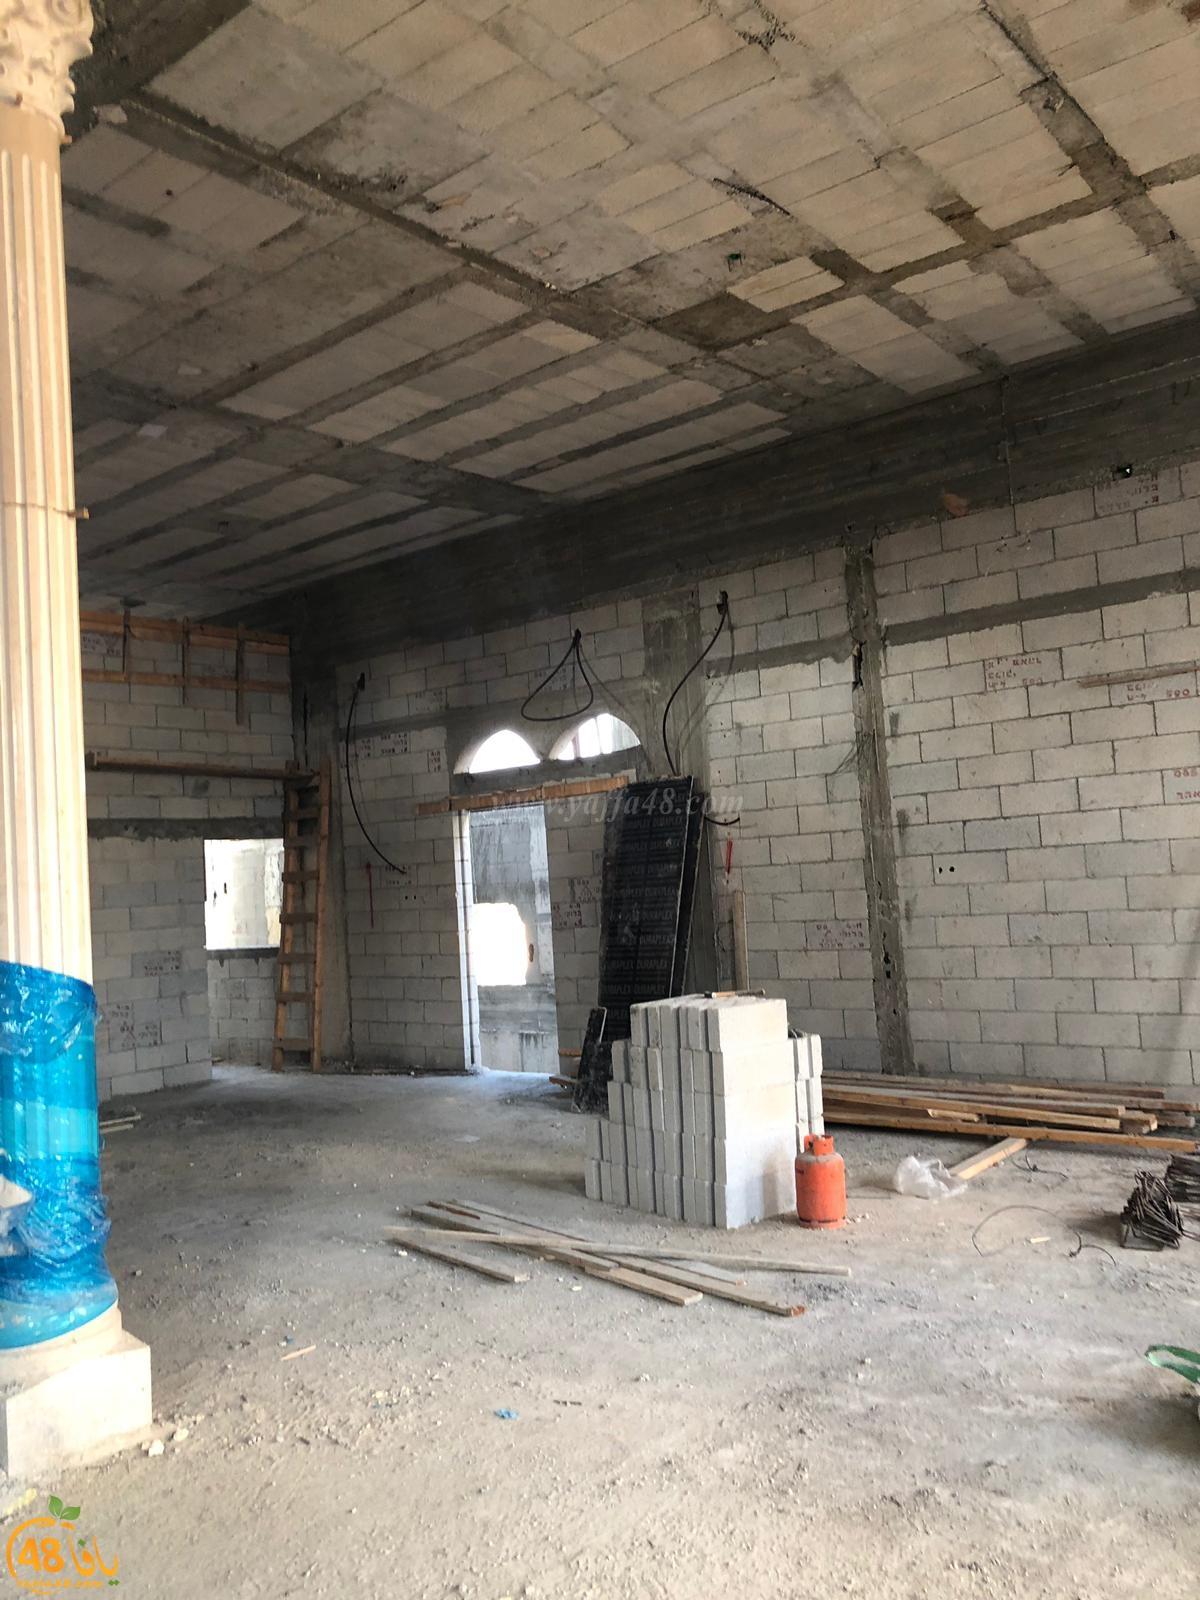 فيديو: فجر اليوم - هدم بيت لعائلة زيتون في حي المحطة باللد